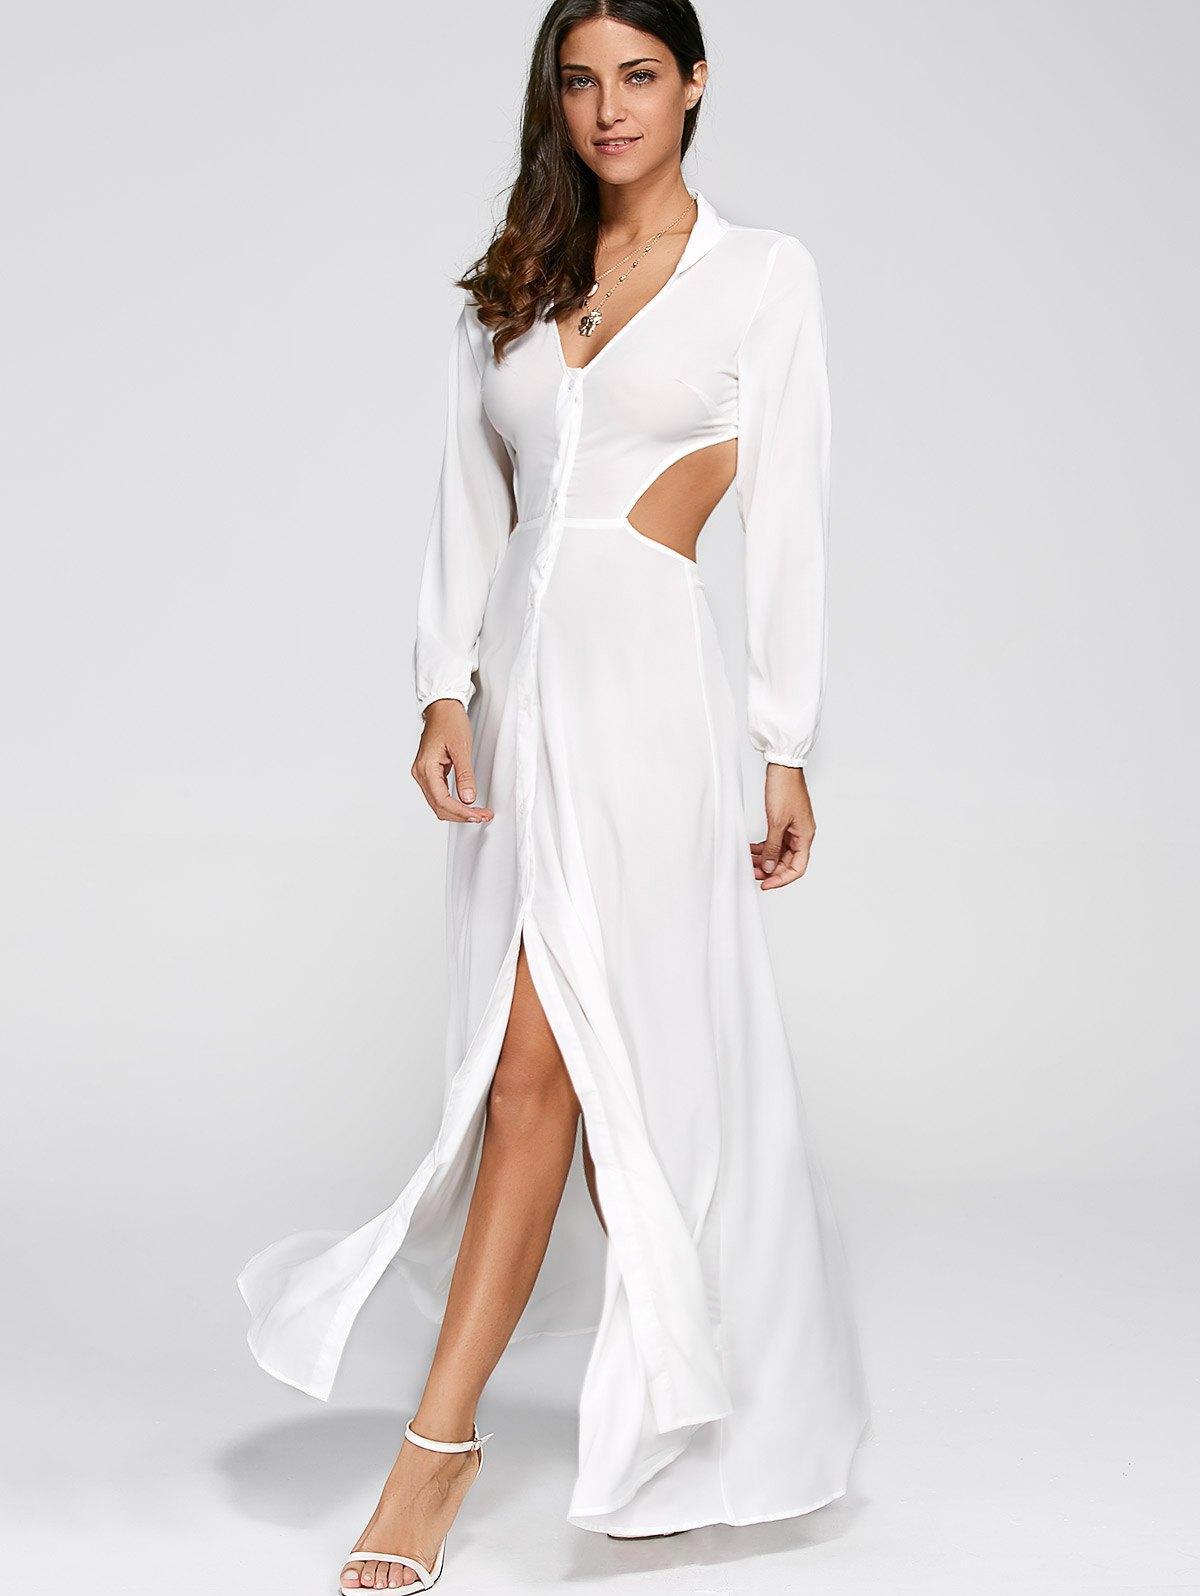 Cut Out High Slit Dress